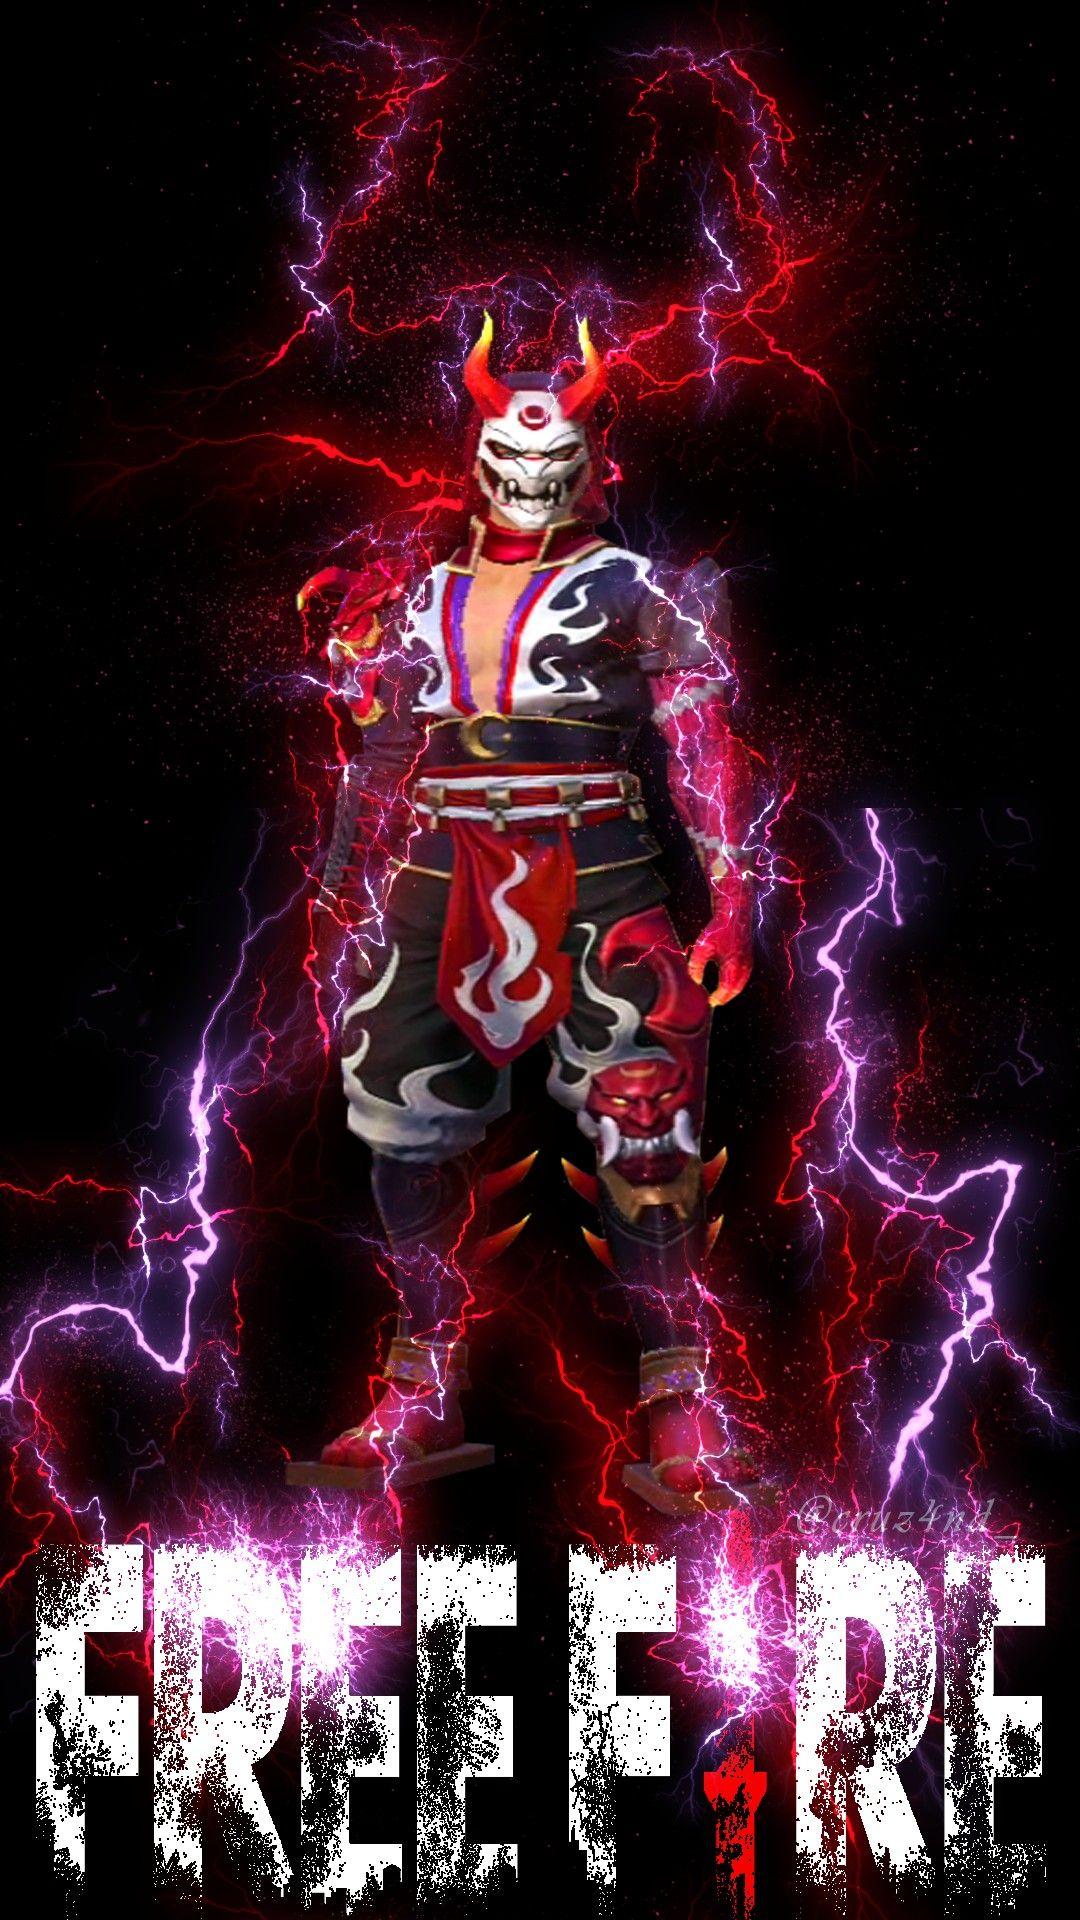 Free Fire Dragon Ball Wallpaper Iphone Joker Iphone Wallpaper Dark Wallpaper Iphone